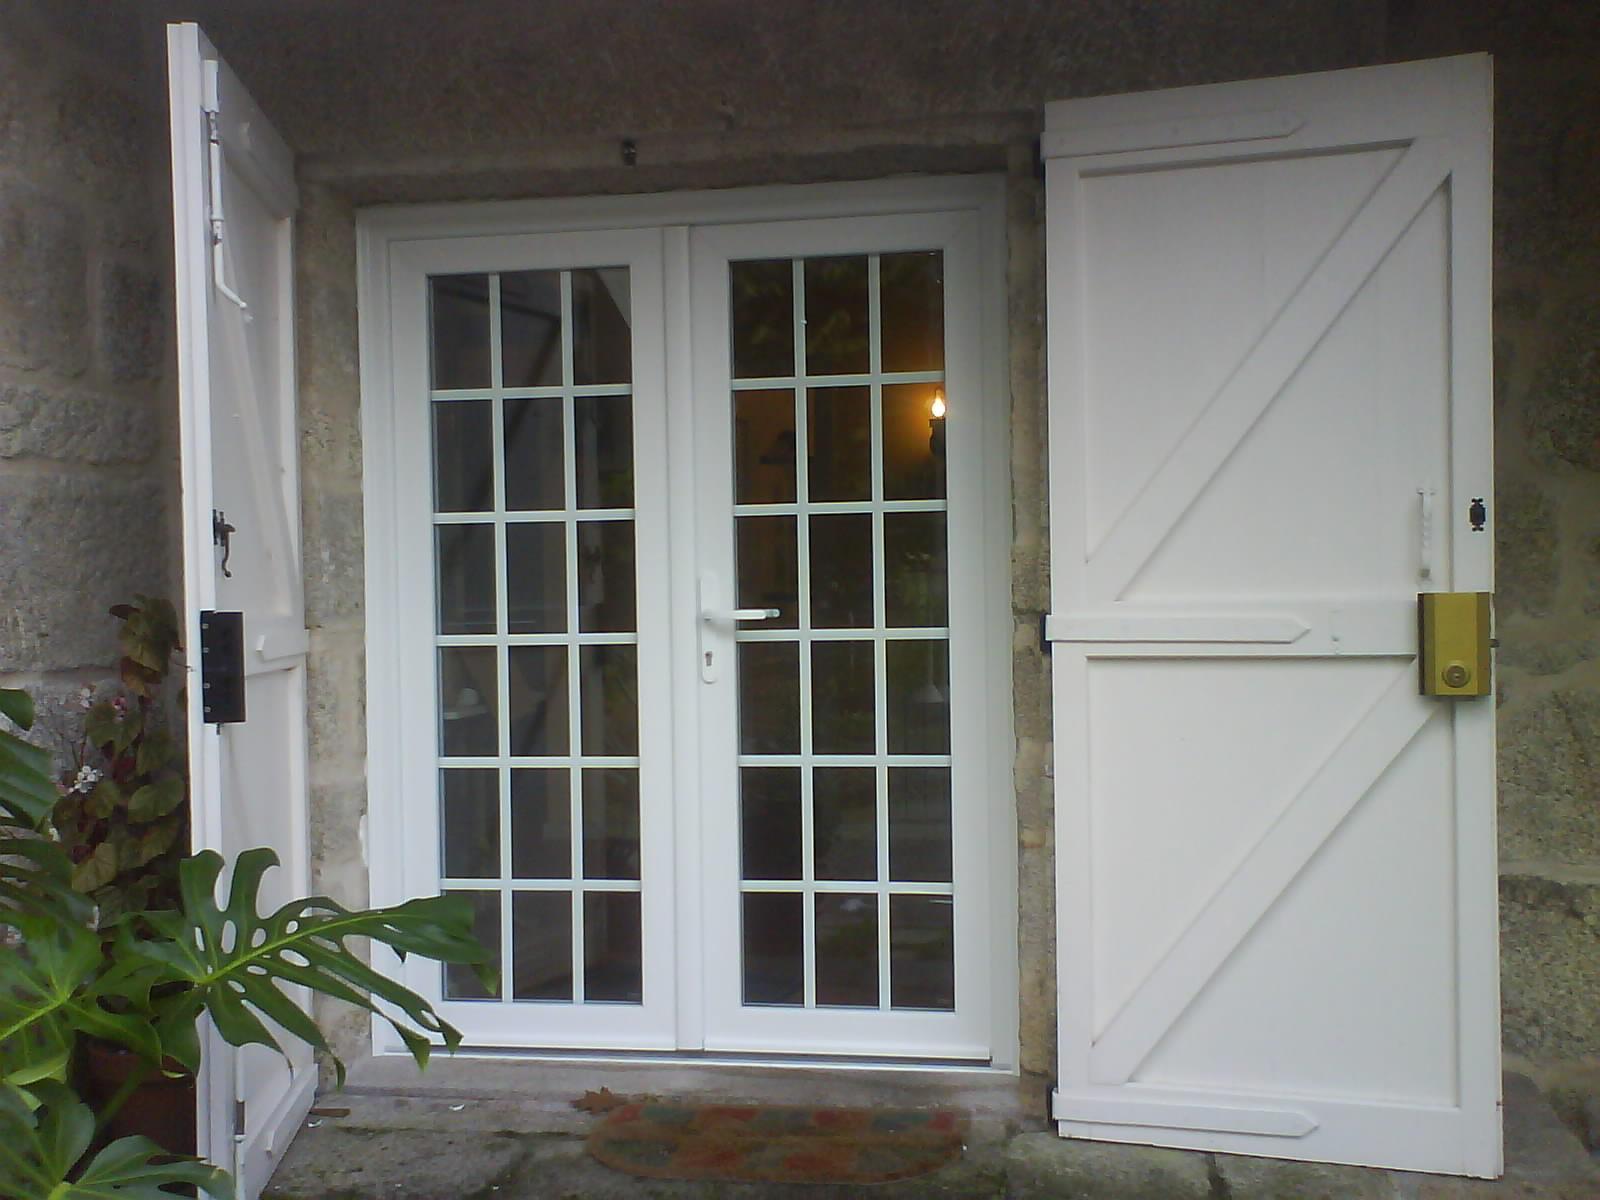 puertas ventanas jmgarcia